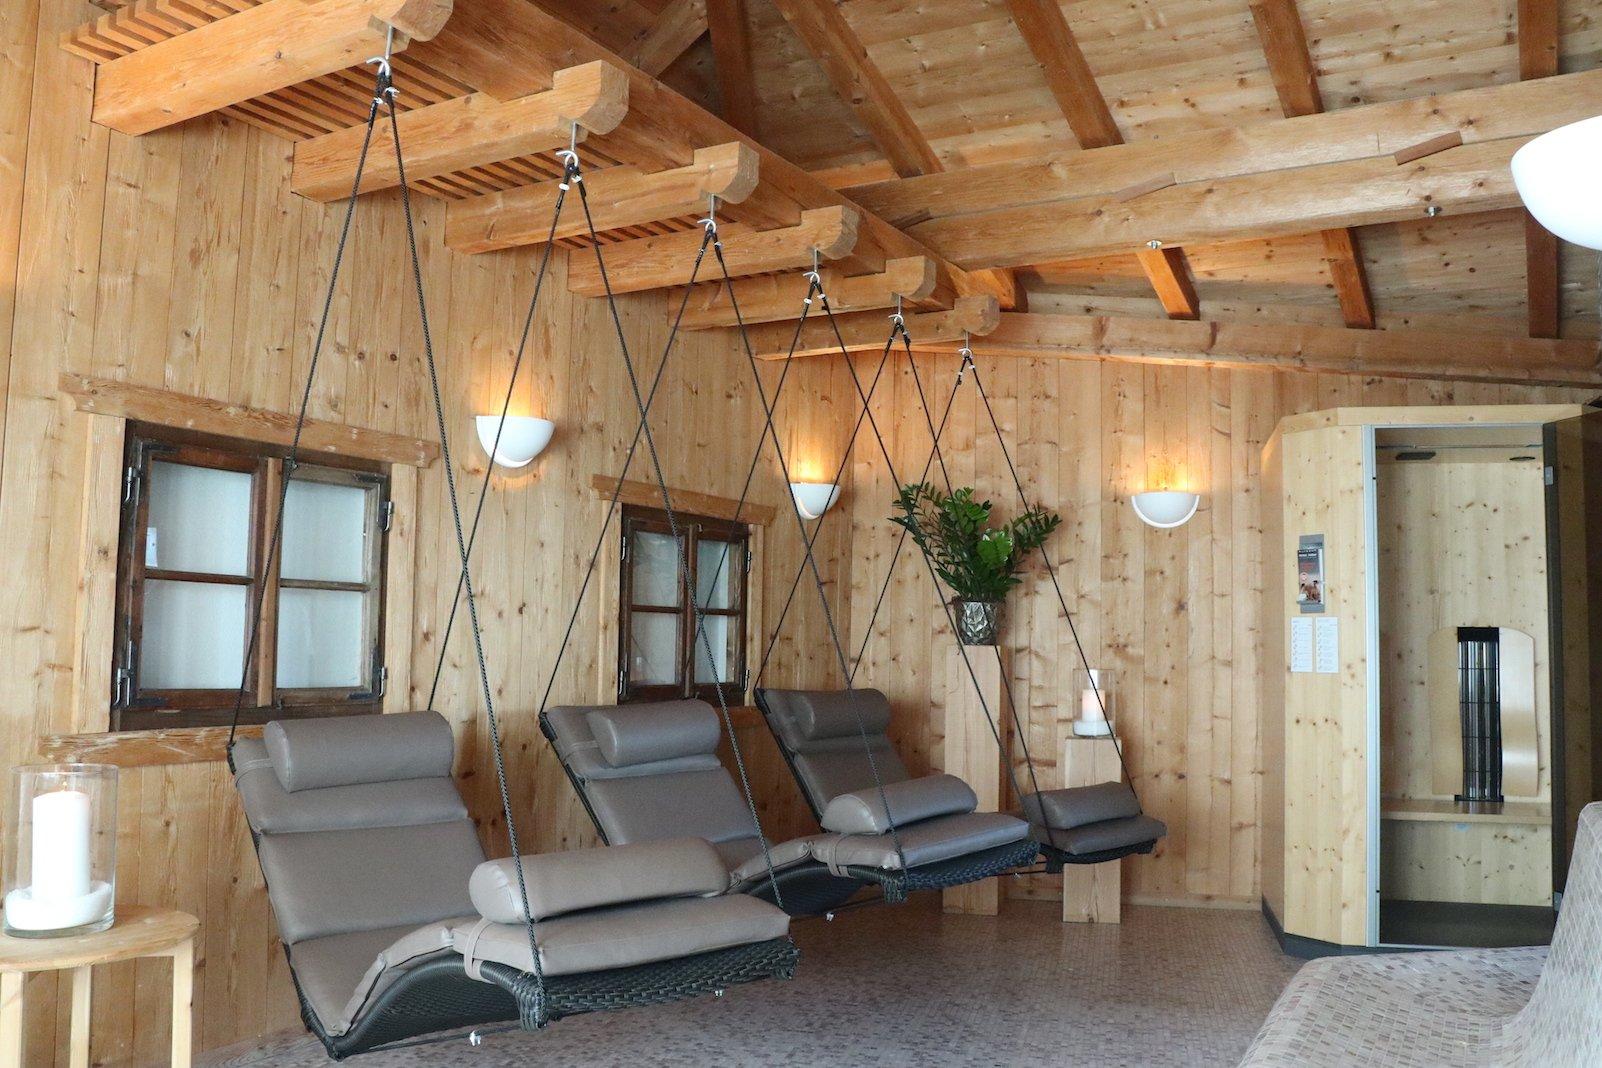 Hängeliegen - da willste nicht mehr Aufstehen im SPA Bereich des Hotels Tanzer in Issing